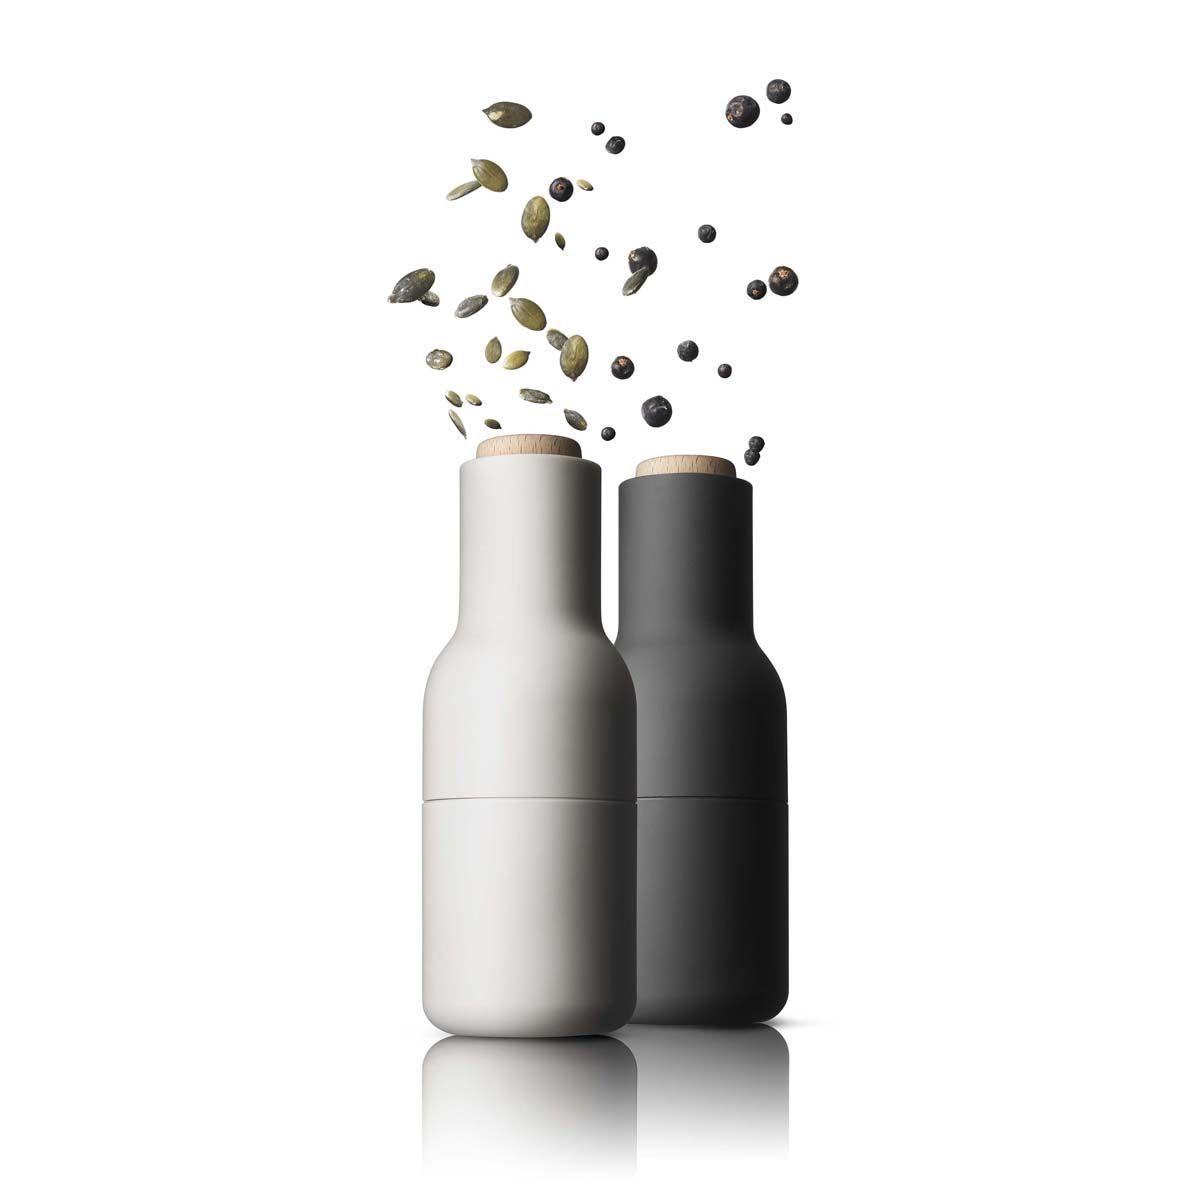 Produkter - Designforevig - pepperkvern sett fra backe i grensen